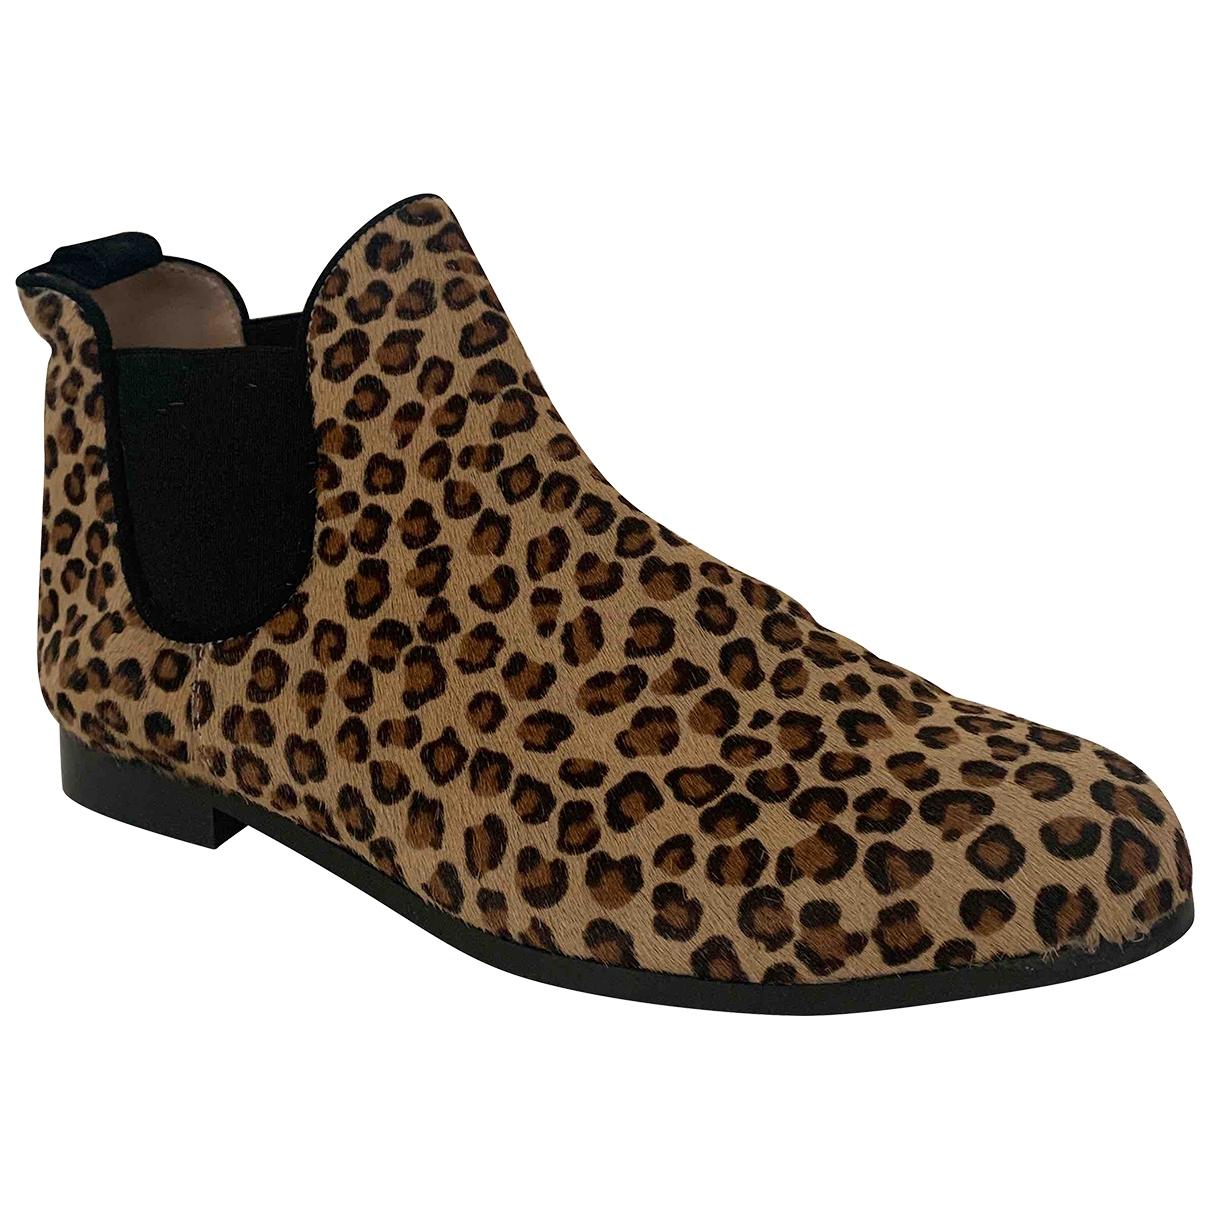 Parosh - Boots   pour femme en veau facon poulain